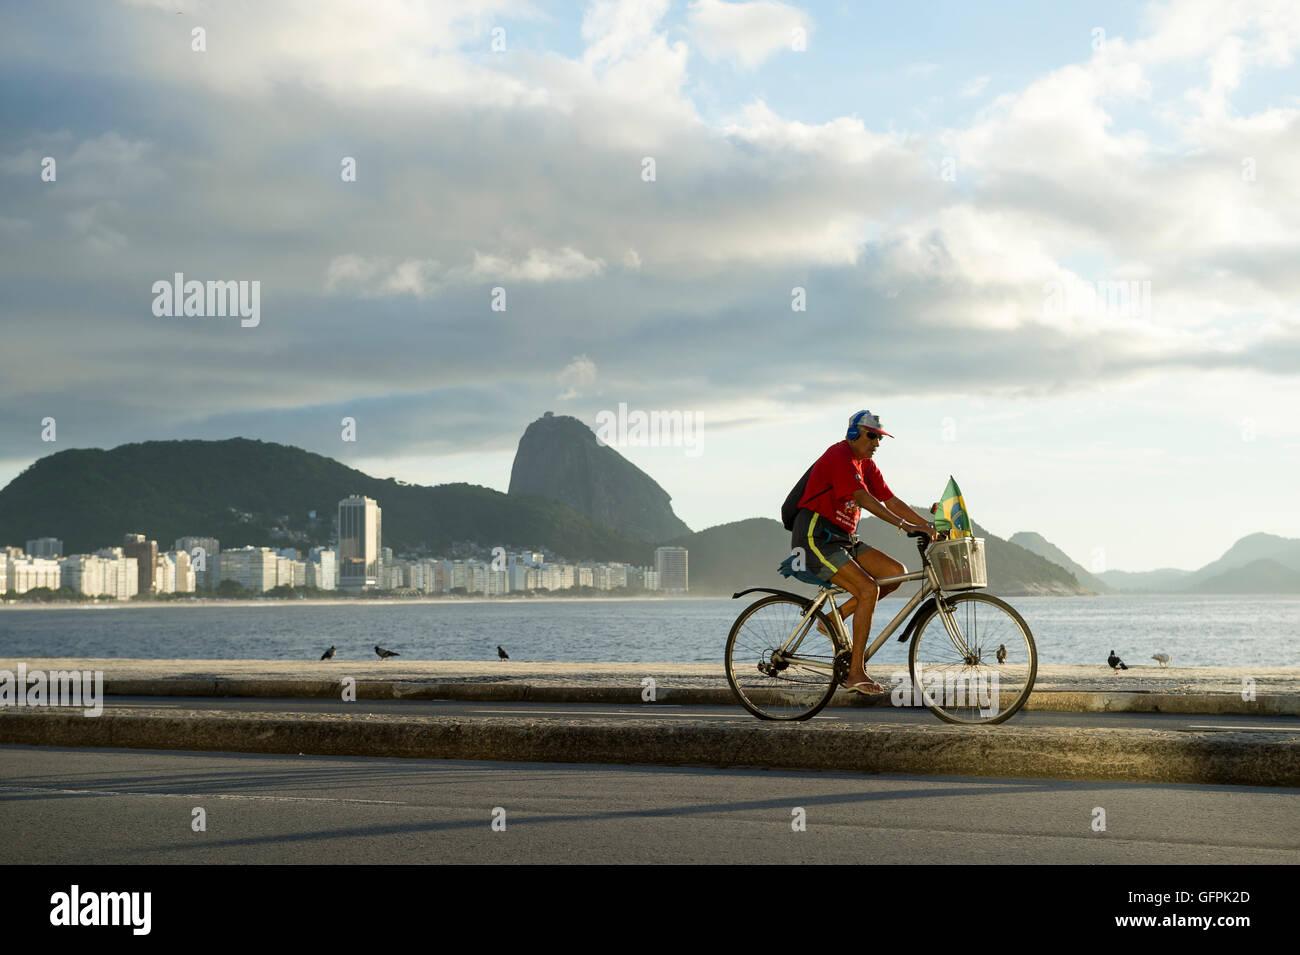 RIO DE JANEIRO - Marzo 20, 2016: Un joven brasileño paseos en bicicleta con una bandera brasileña en la Imagen De Stock